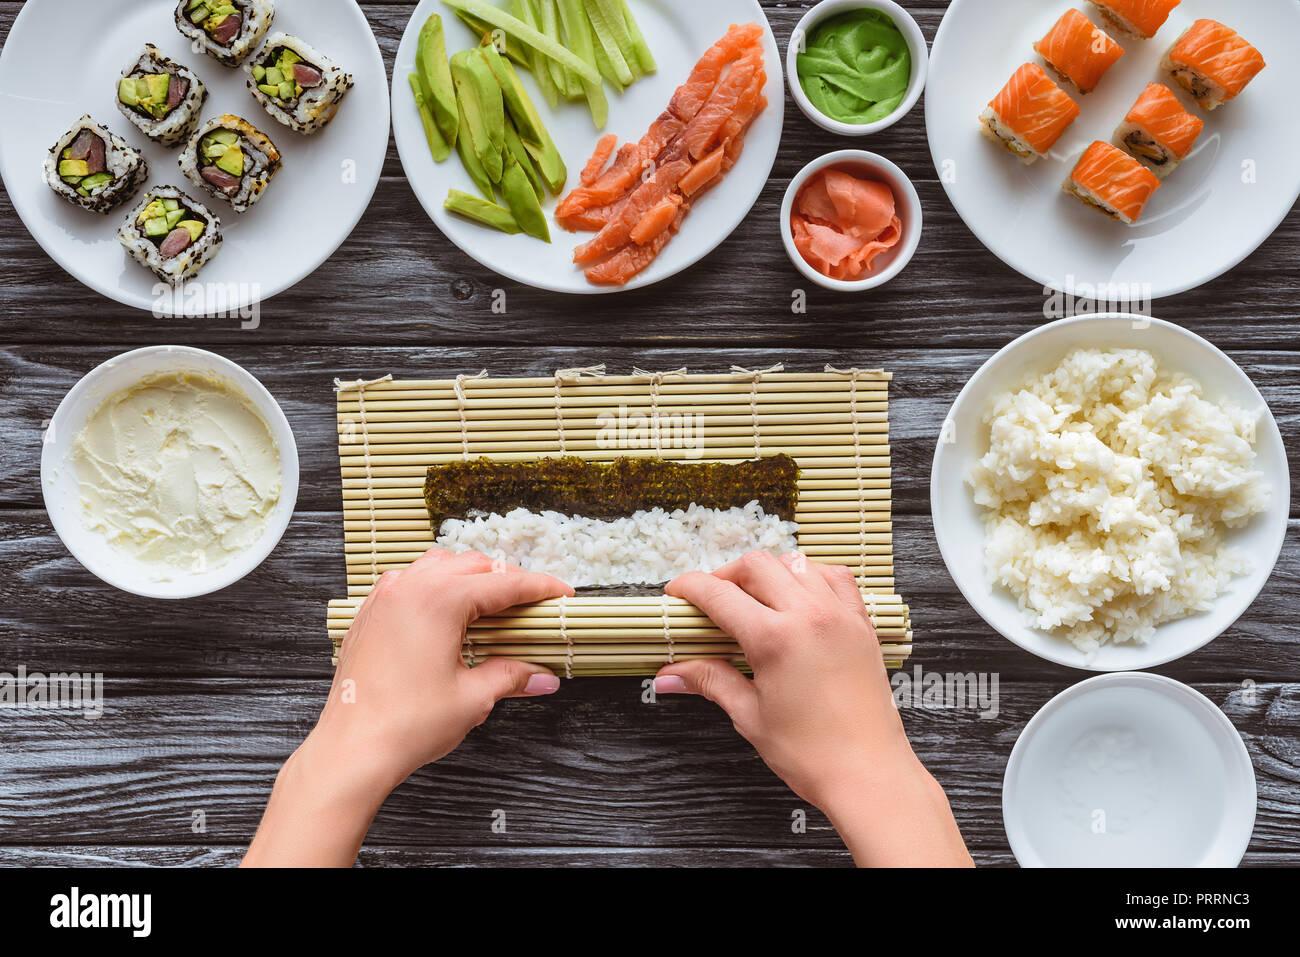 Vue de dessus partielle personne gastronomique cuisine sushi roll Photo Stock